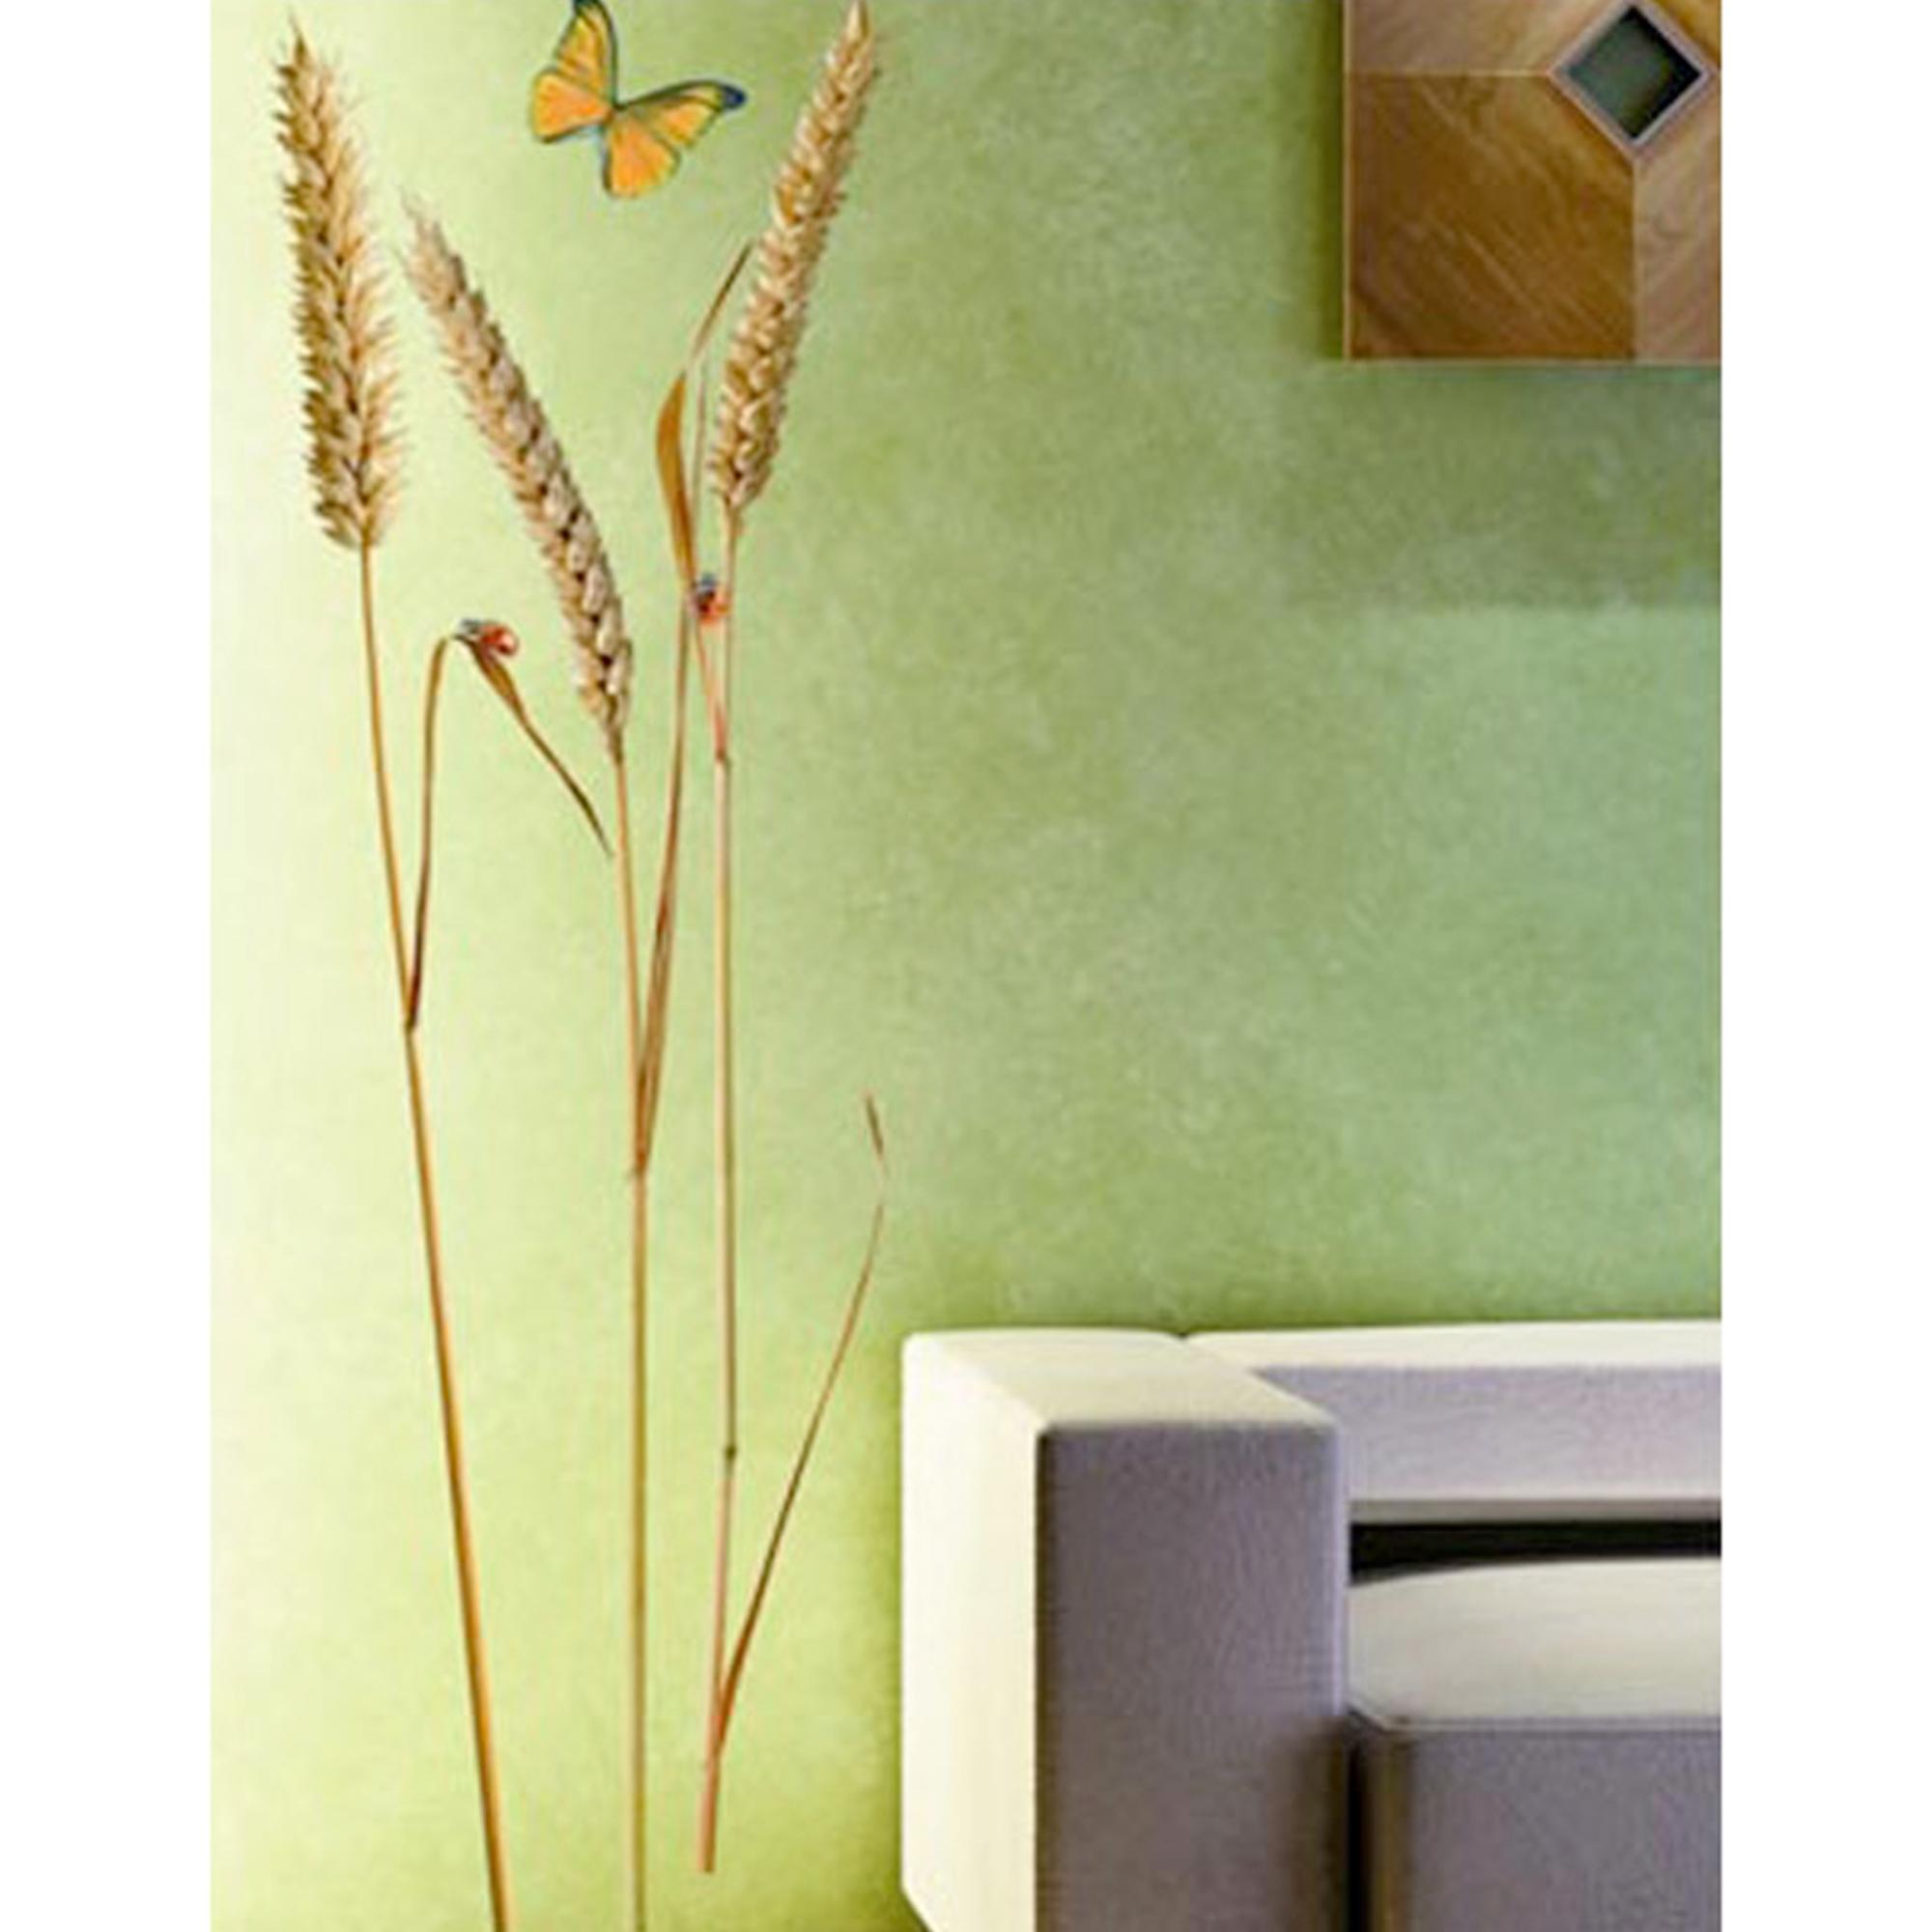 sticker adh sif mural nature d co 3 pis de ble acheter ce produit au meilleur prix. Black Bedroom Furniture Sets. Home Design Ideas